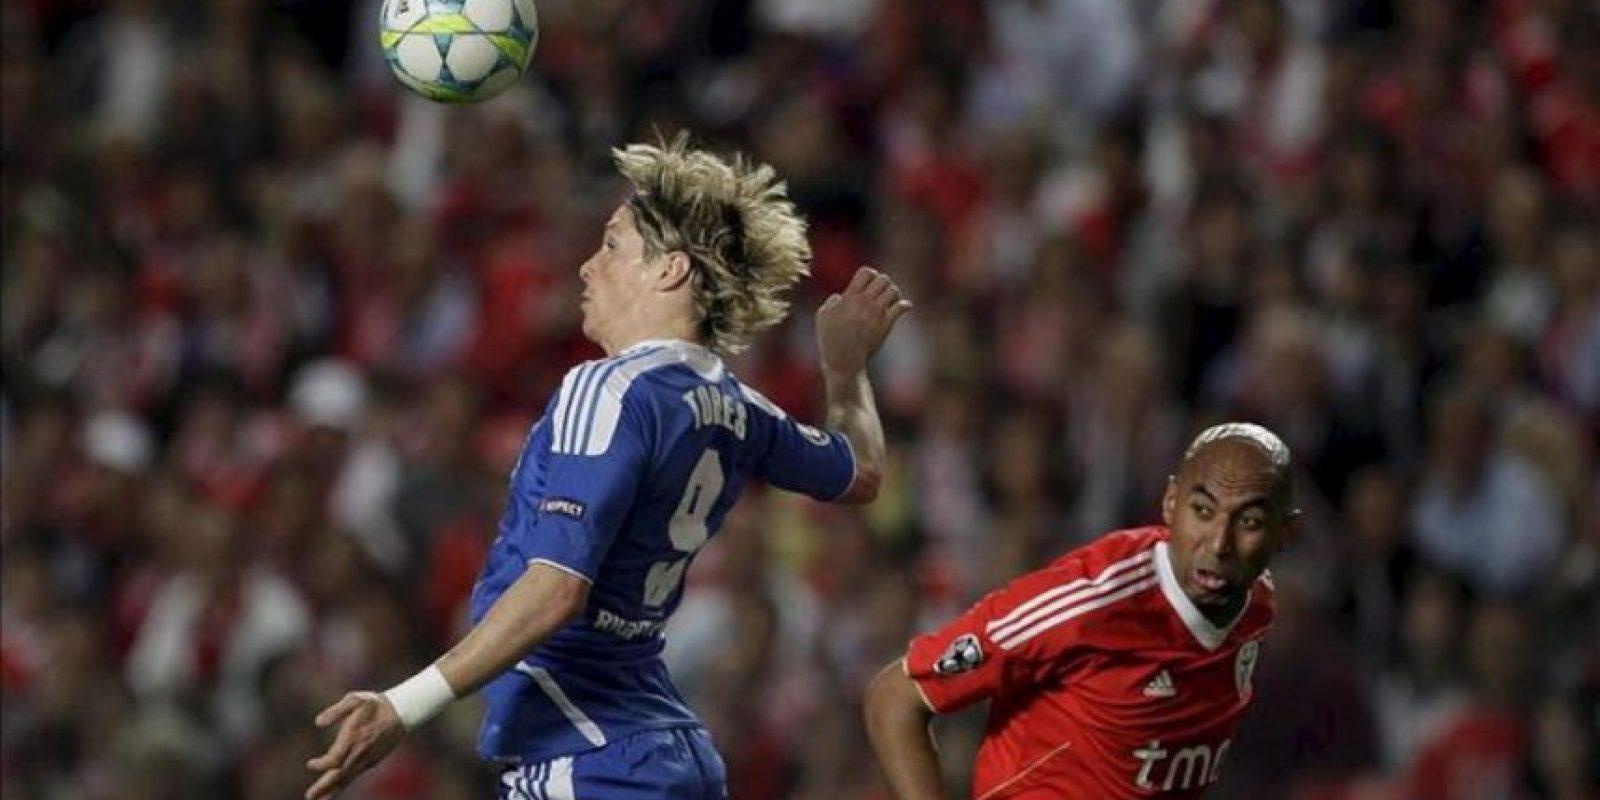 El jugador del Benfica Luisao (d) lucha por el control del balón con el delantero español Fernando Torres (i) del FC Chelsea durante el partido de ida de los cuartos de final de la UEFA Champions League jugado en el estadio de la Lus de Lisboa, Portugal el 27 de marzo de 2012. EFE